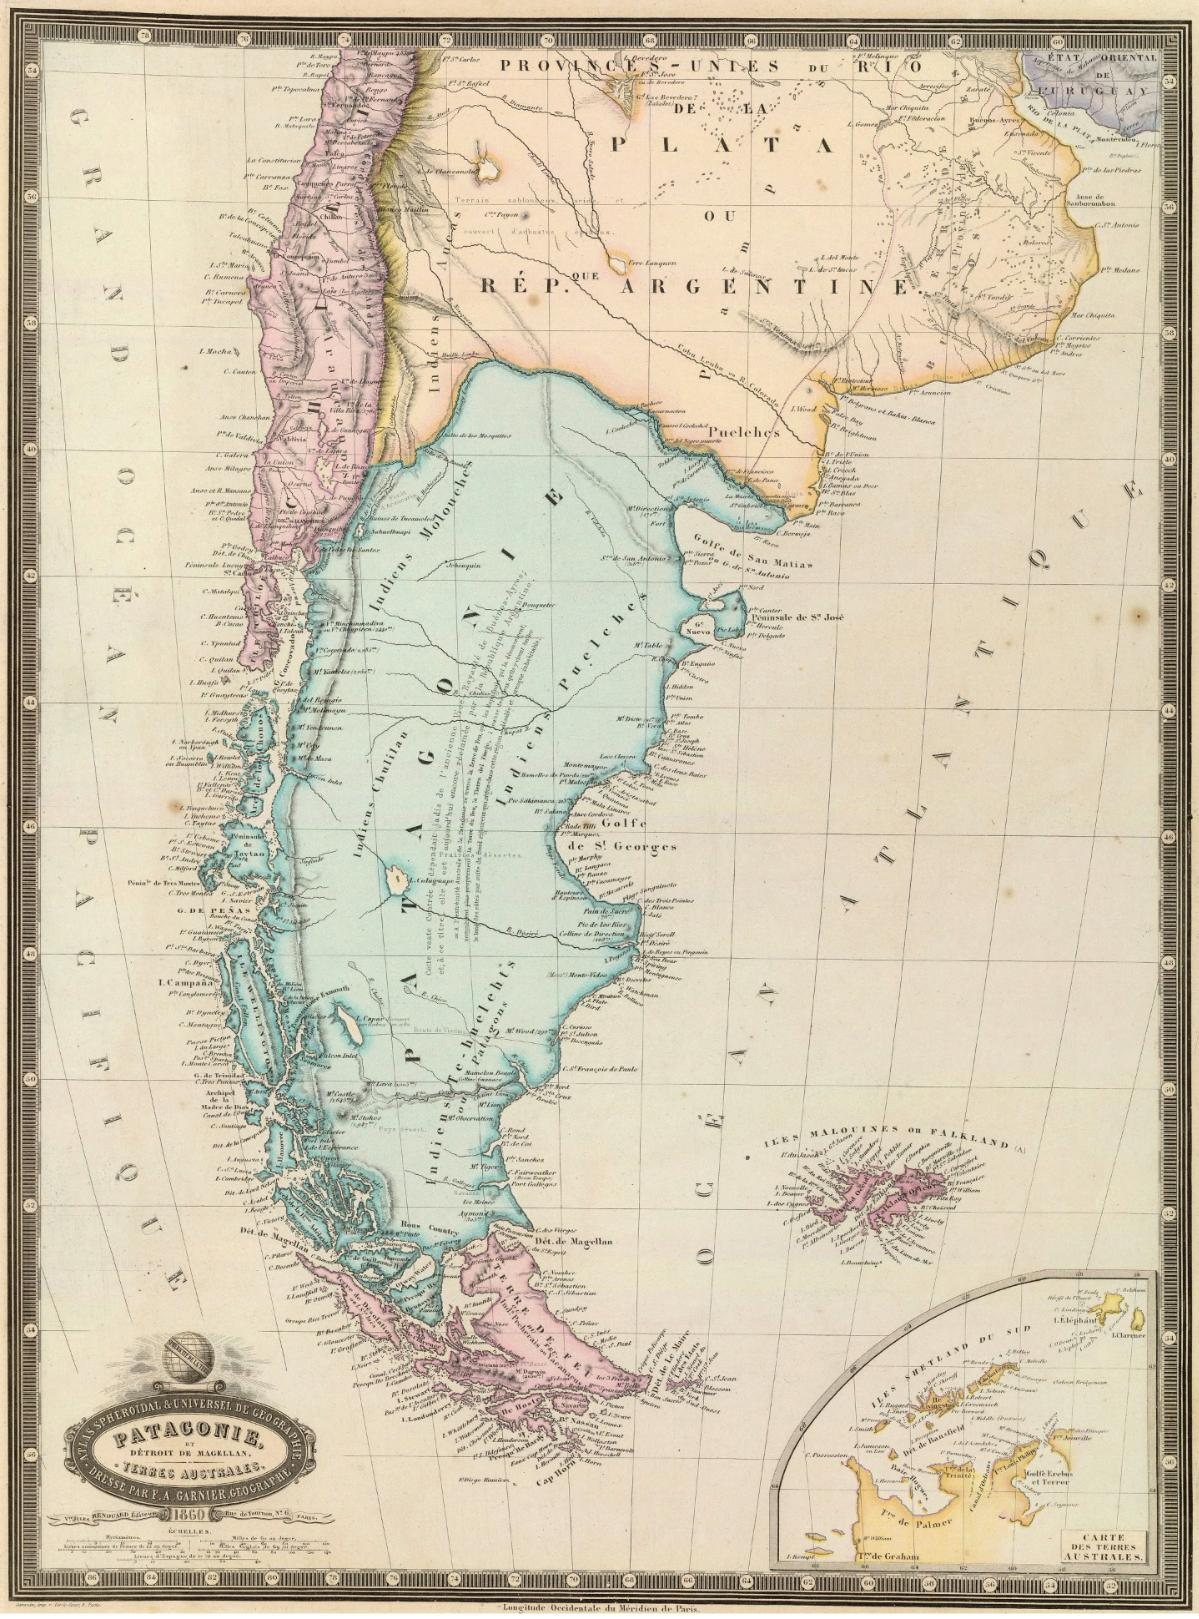 Chile Patagonien Karte.Patagonien Wikipedia